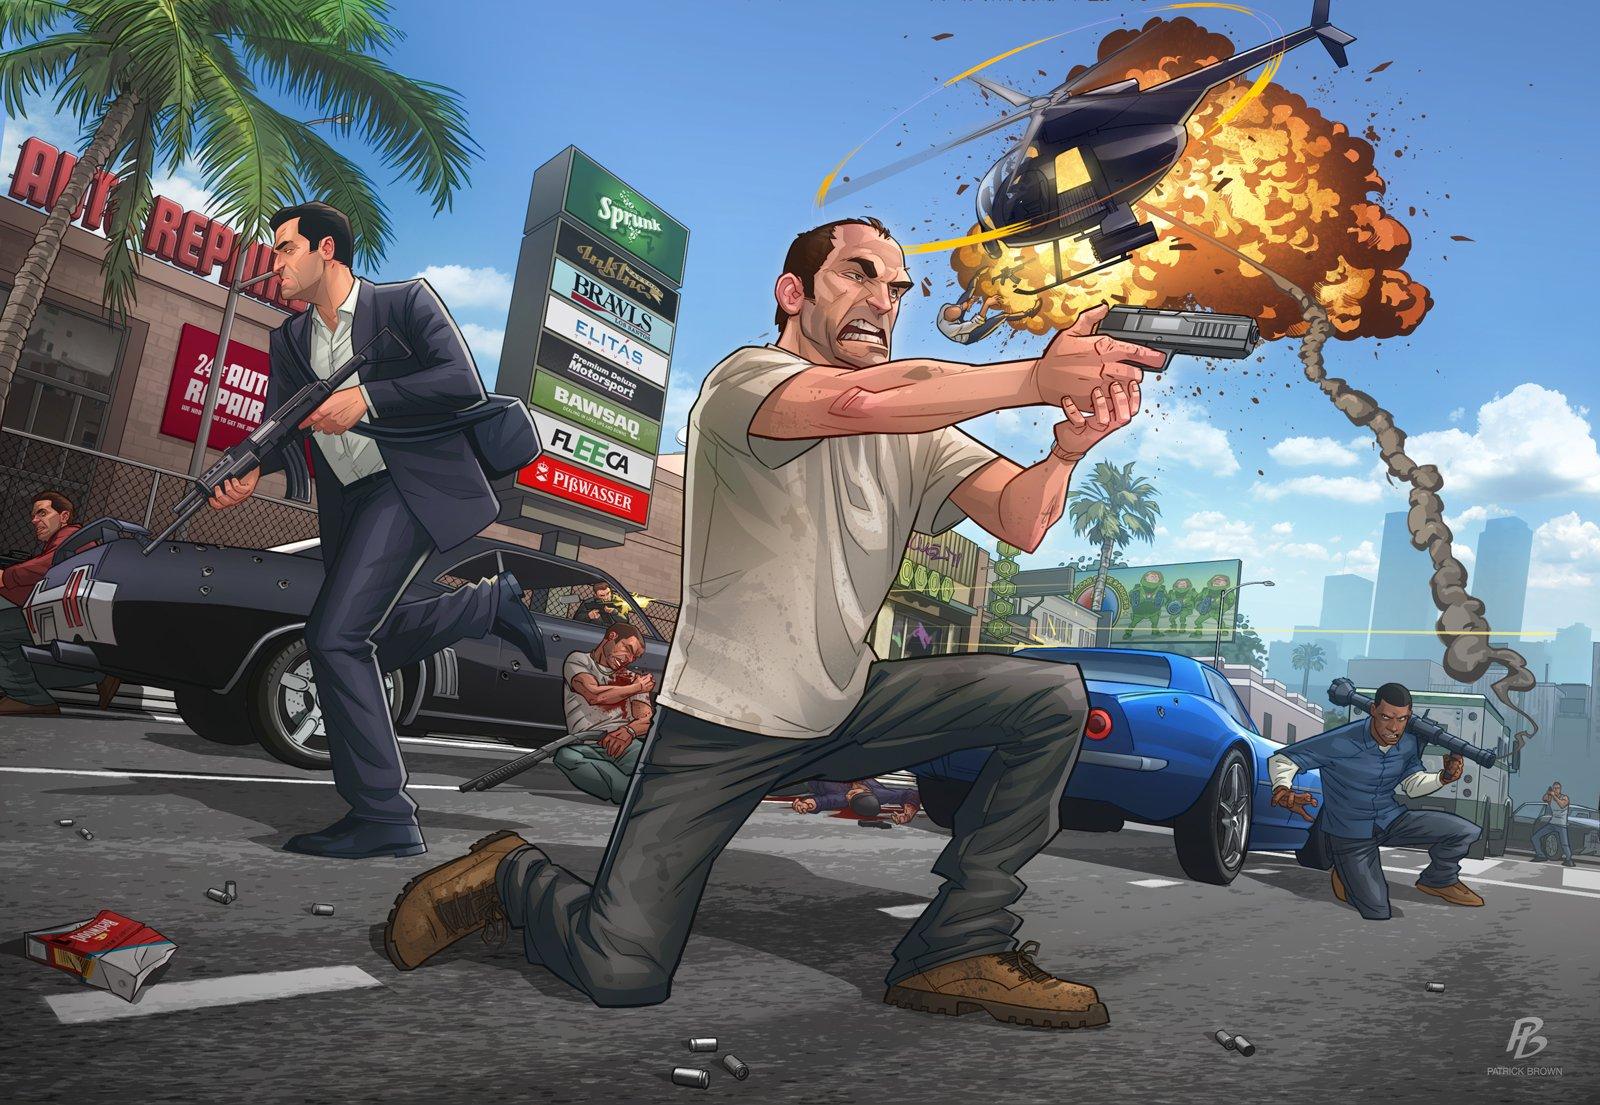 Час О: запуск GTA Online и новая информация о мультиплеере  GTA Online станет доступной для всех обладателей лицензи ... - Изображение 1